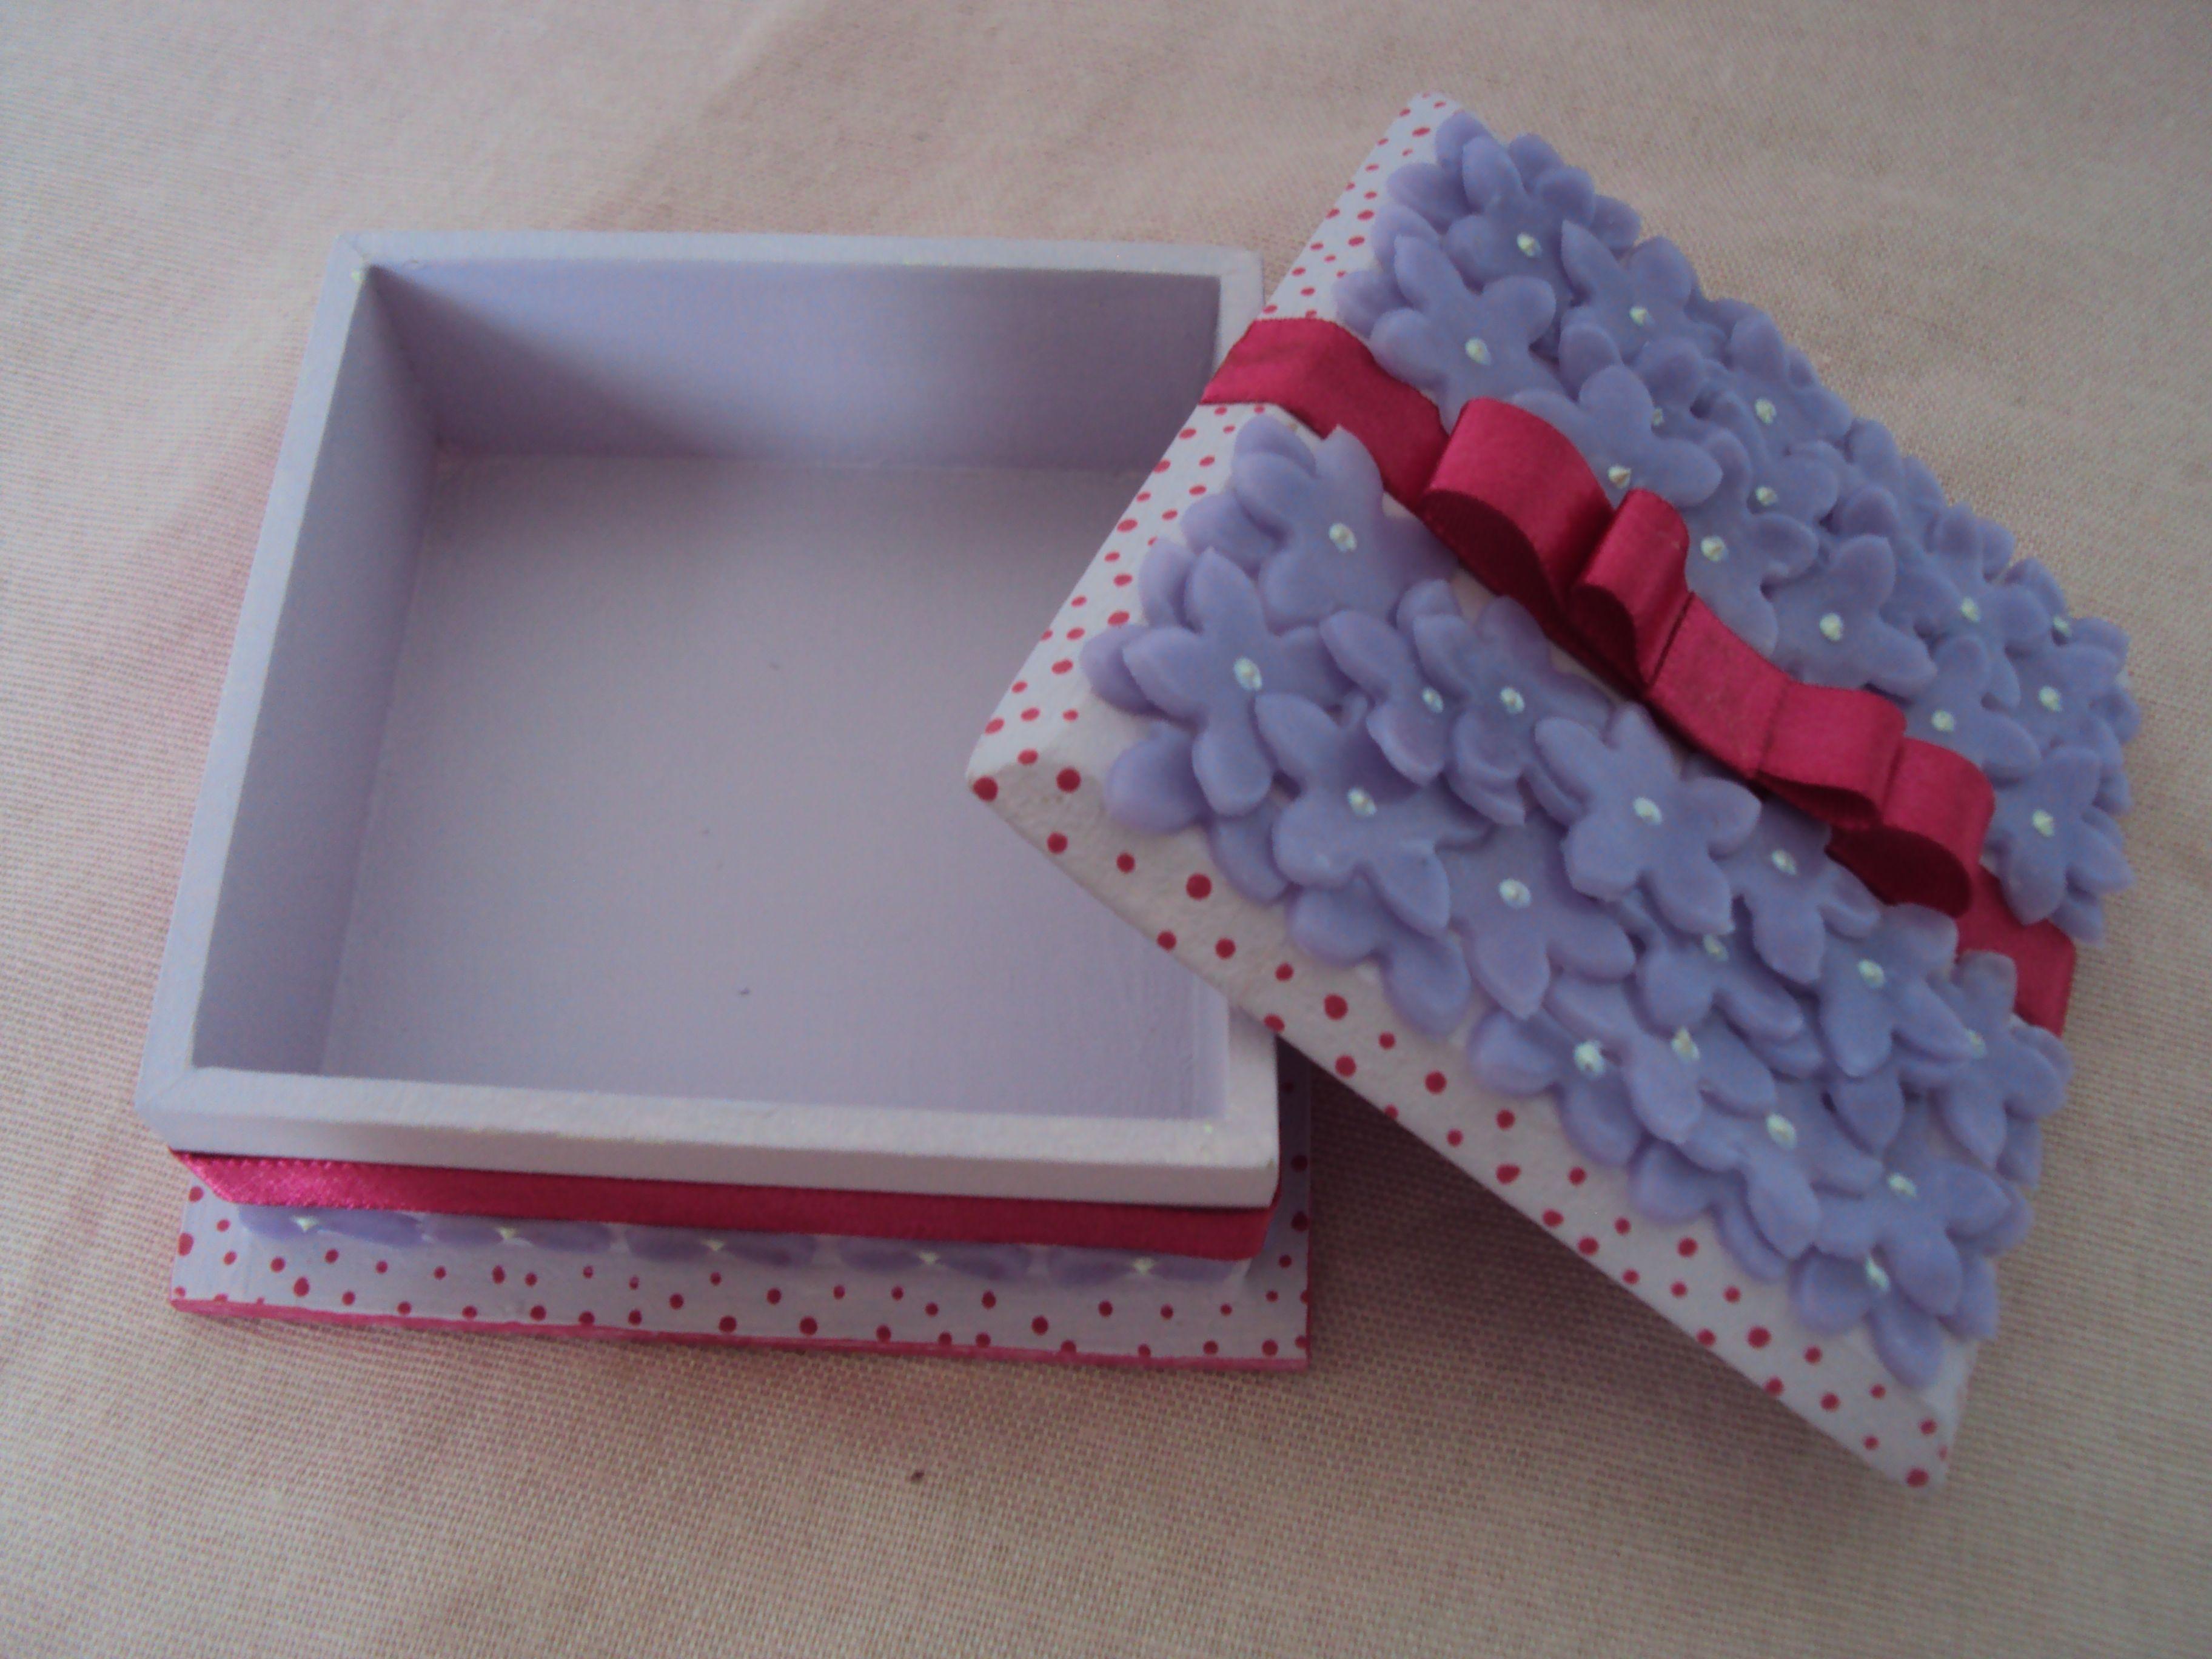 caixa de mdf decorada com biscuit.